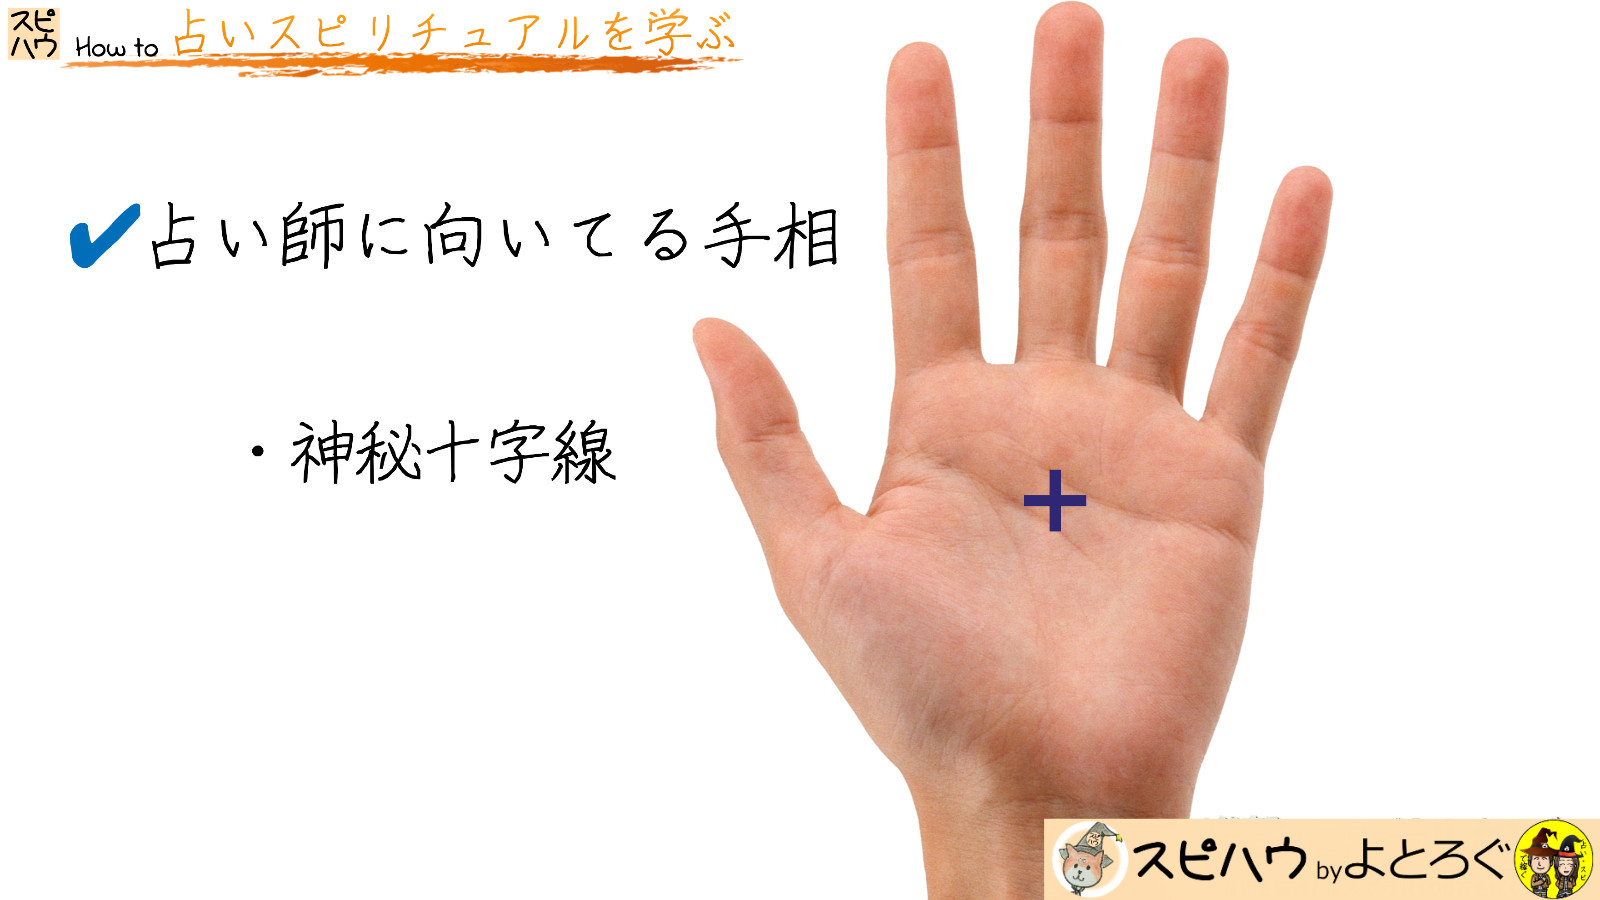 占い師に向いてると言われる手相 神秘十字線の説明画像